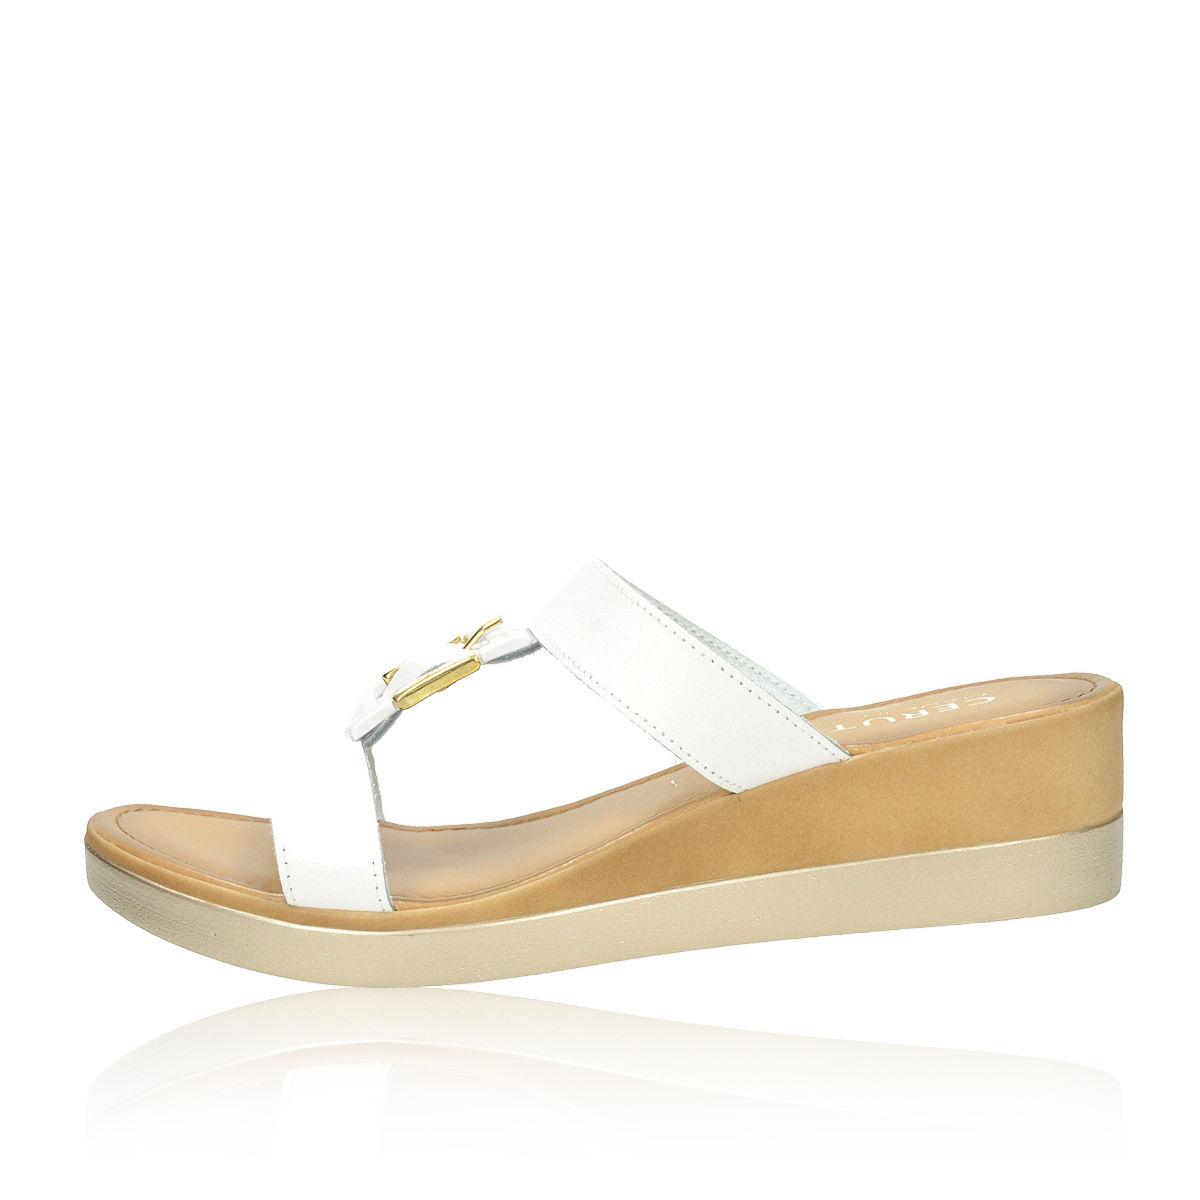 79a5d33df7 Cerutti dámske luxusné šľapky - biele Cerutti dámske luxusné šľapky - biele  ...